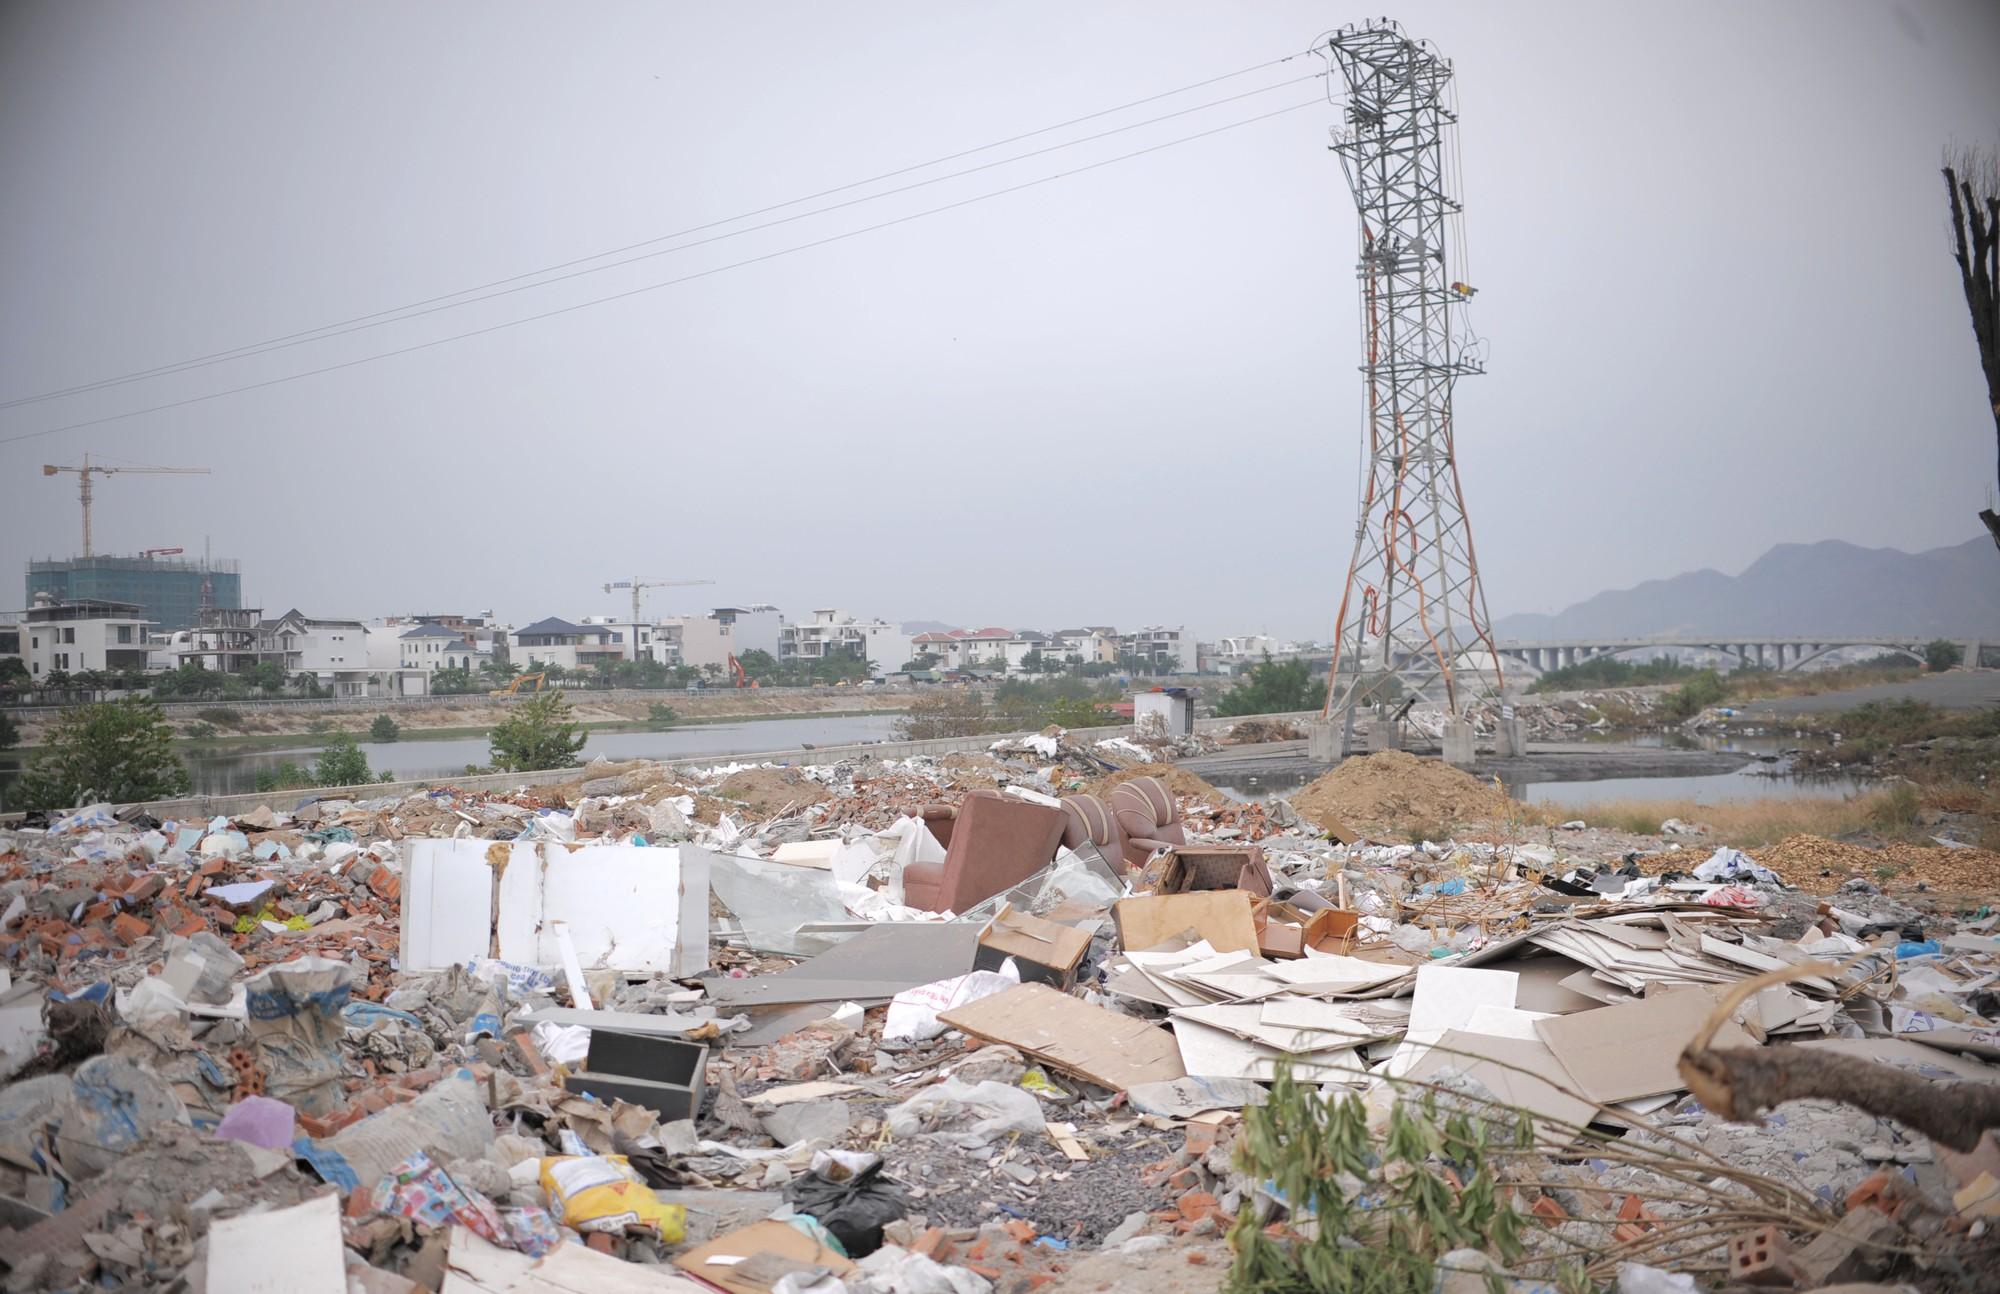 đô thị nha trang ngập rác  (2)